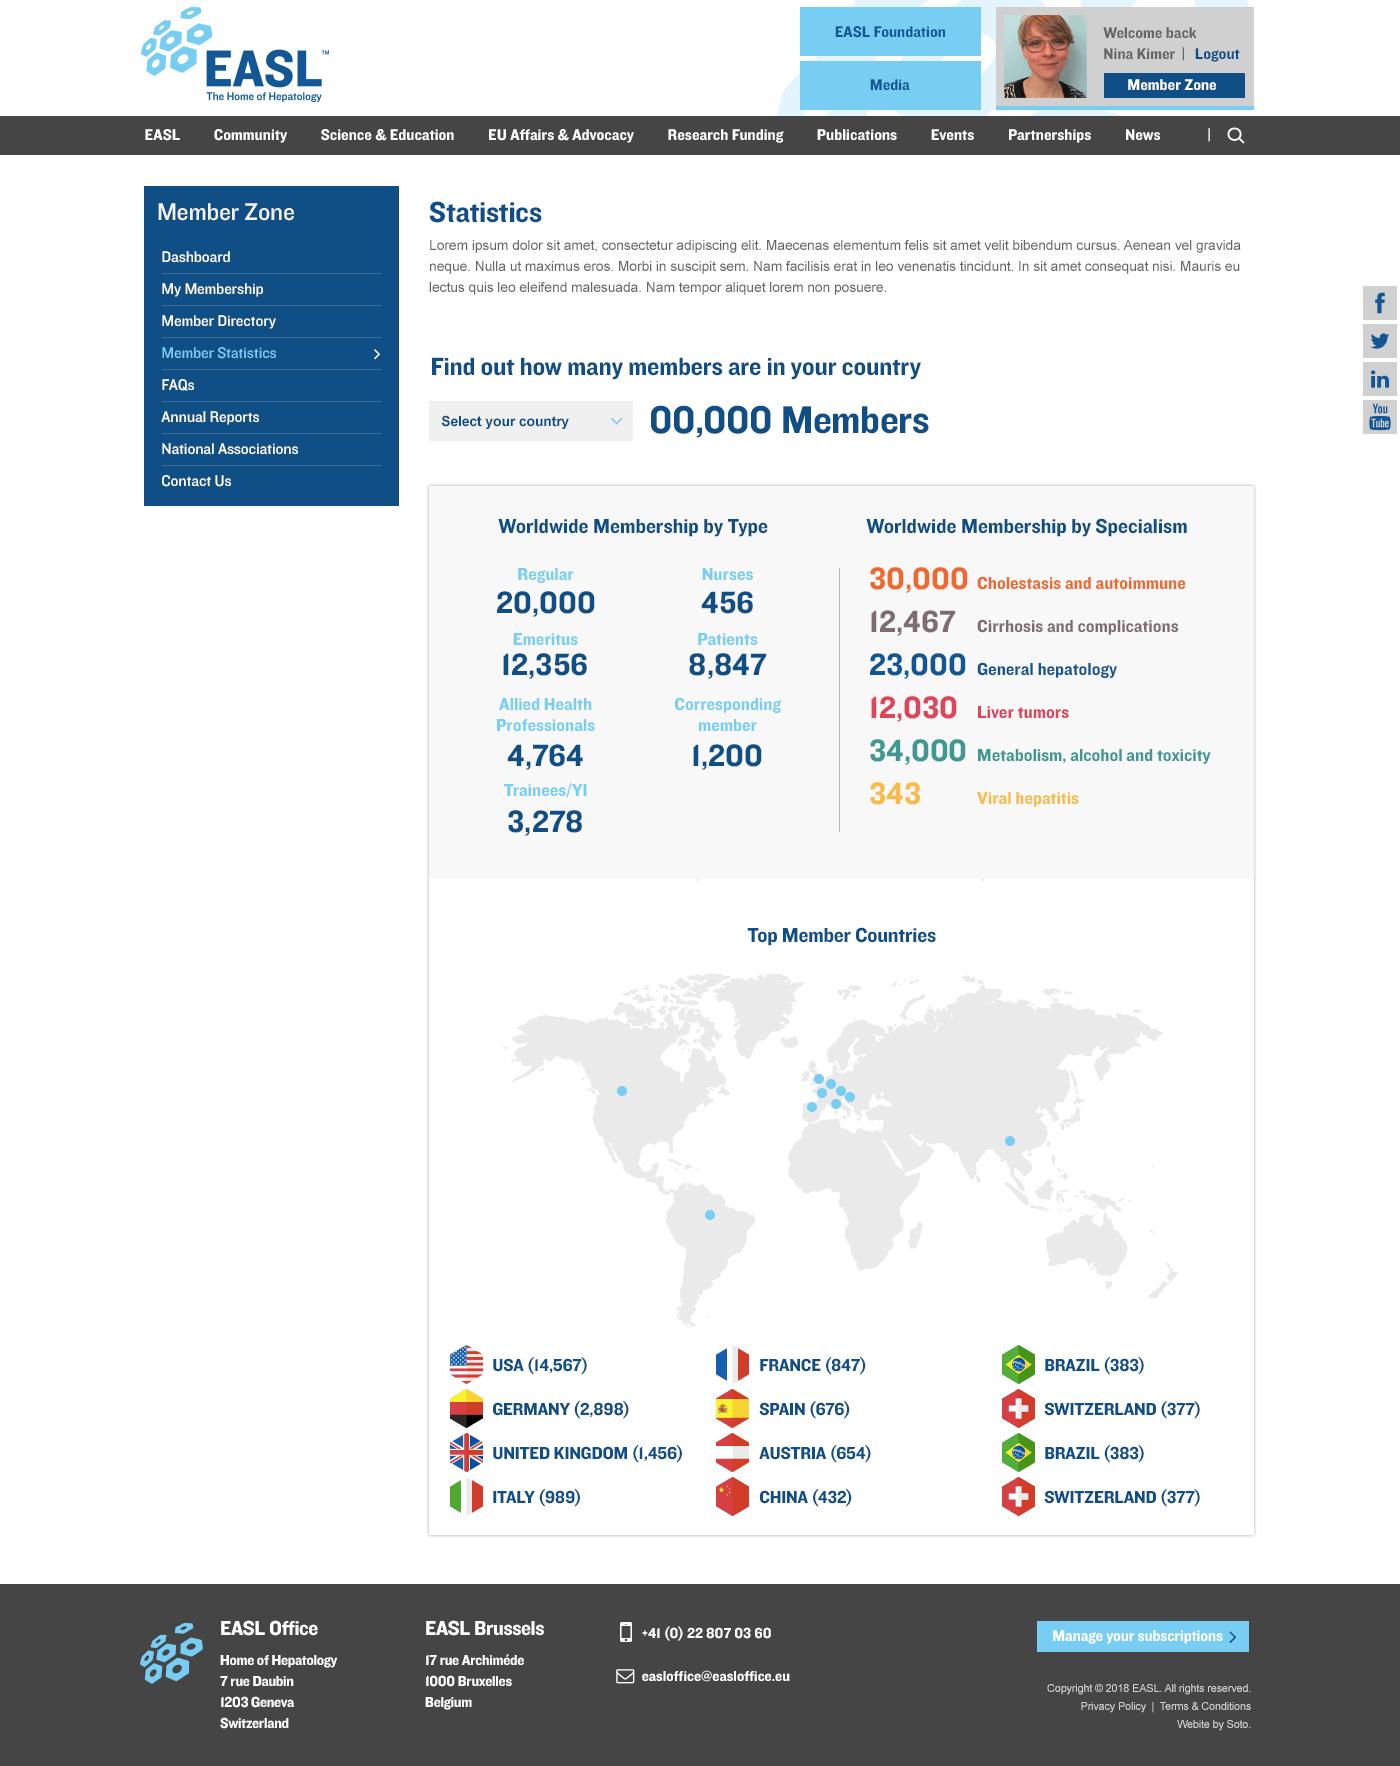 Member stats